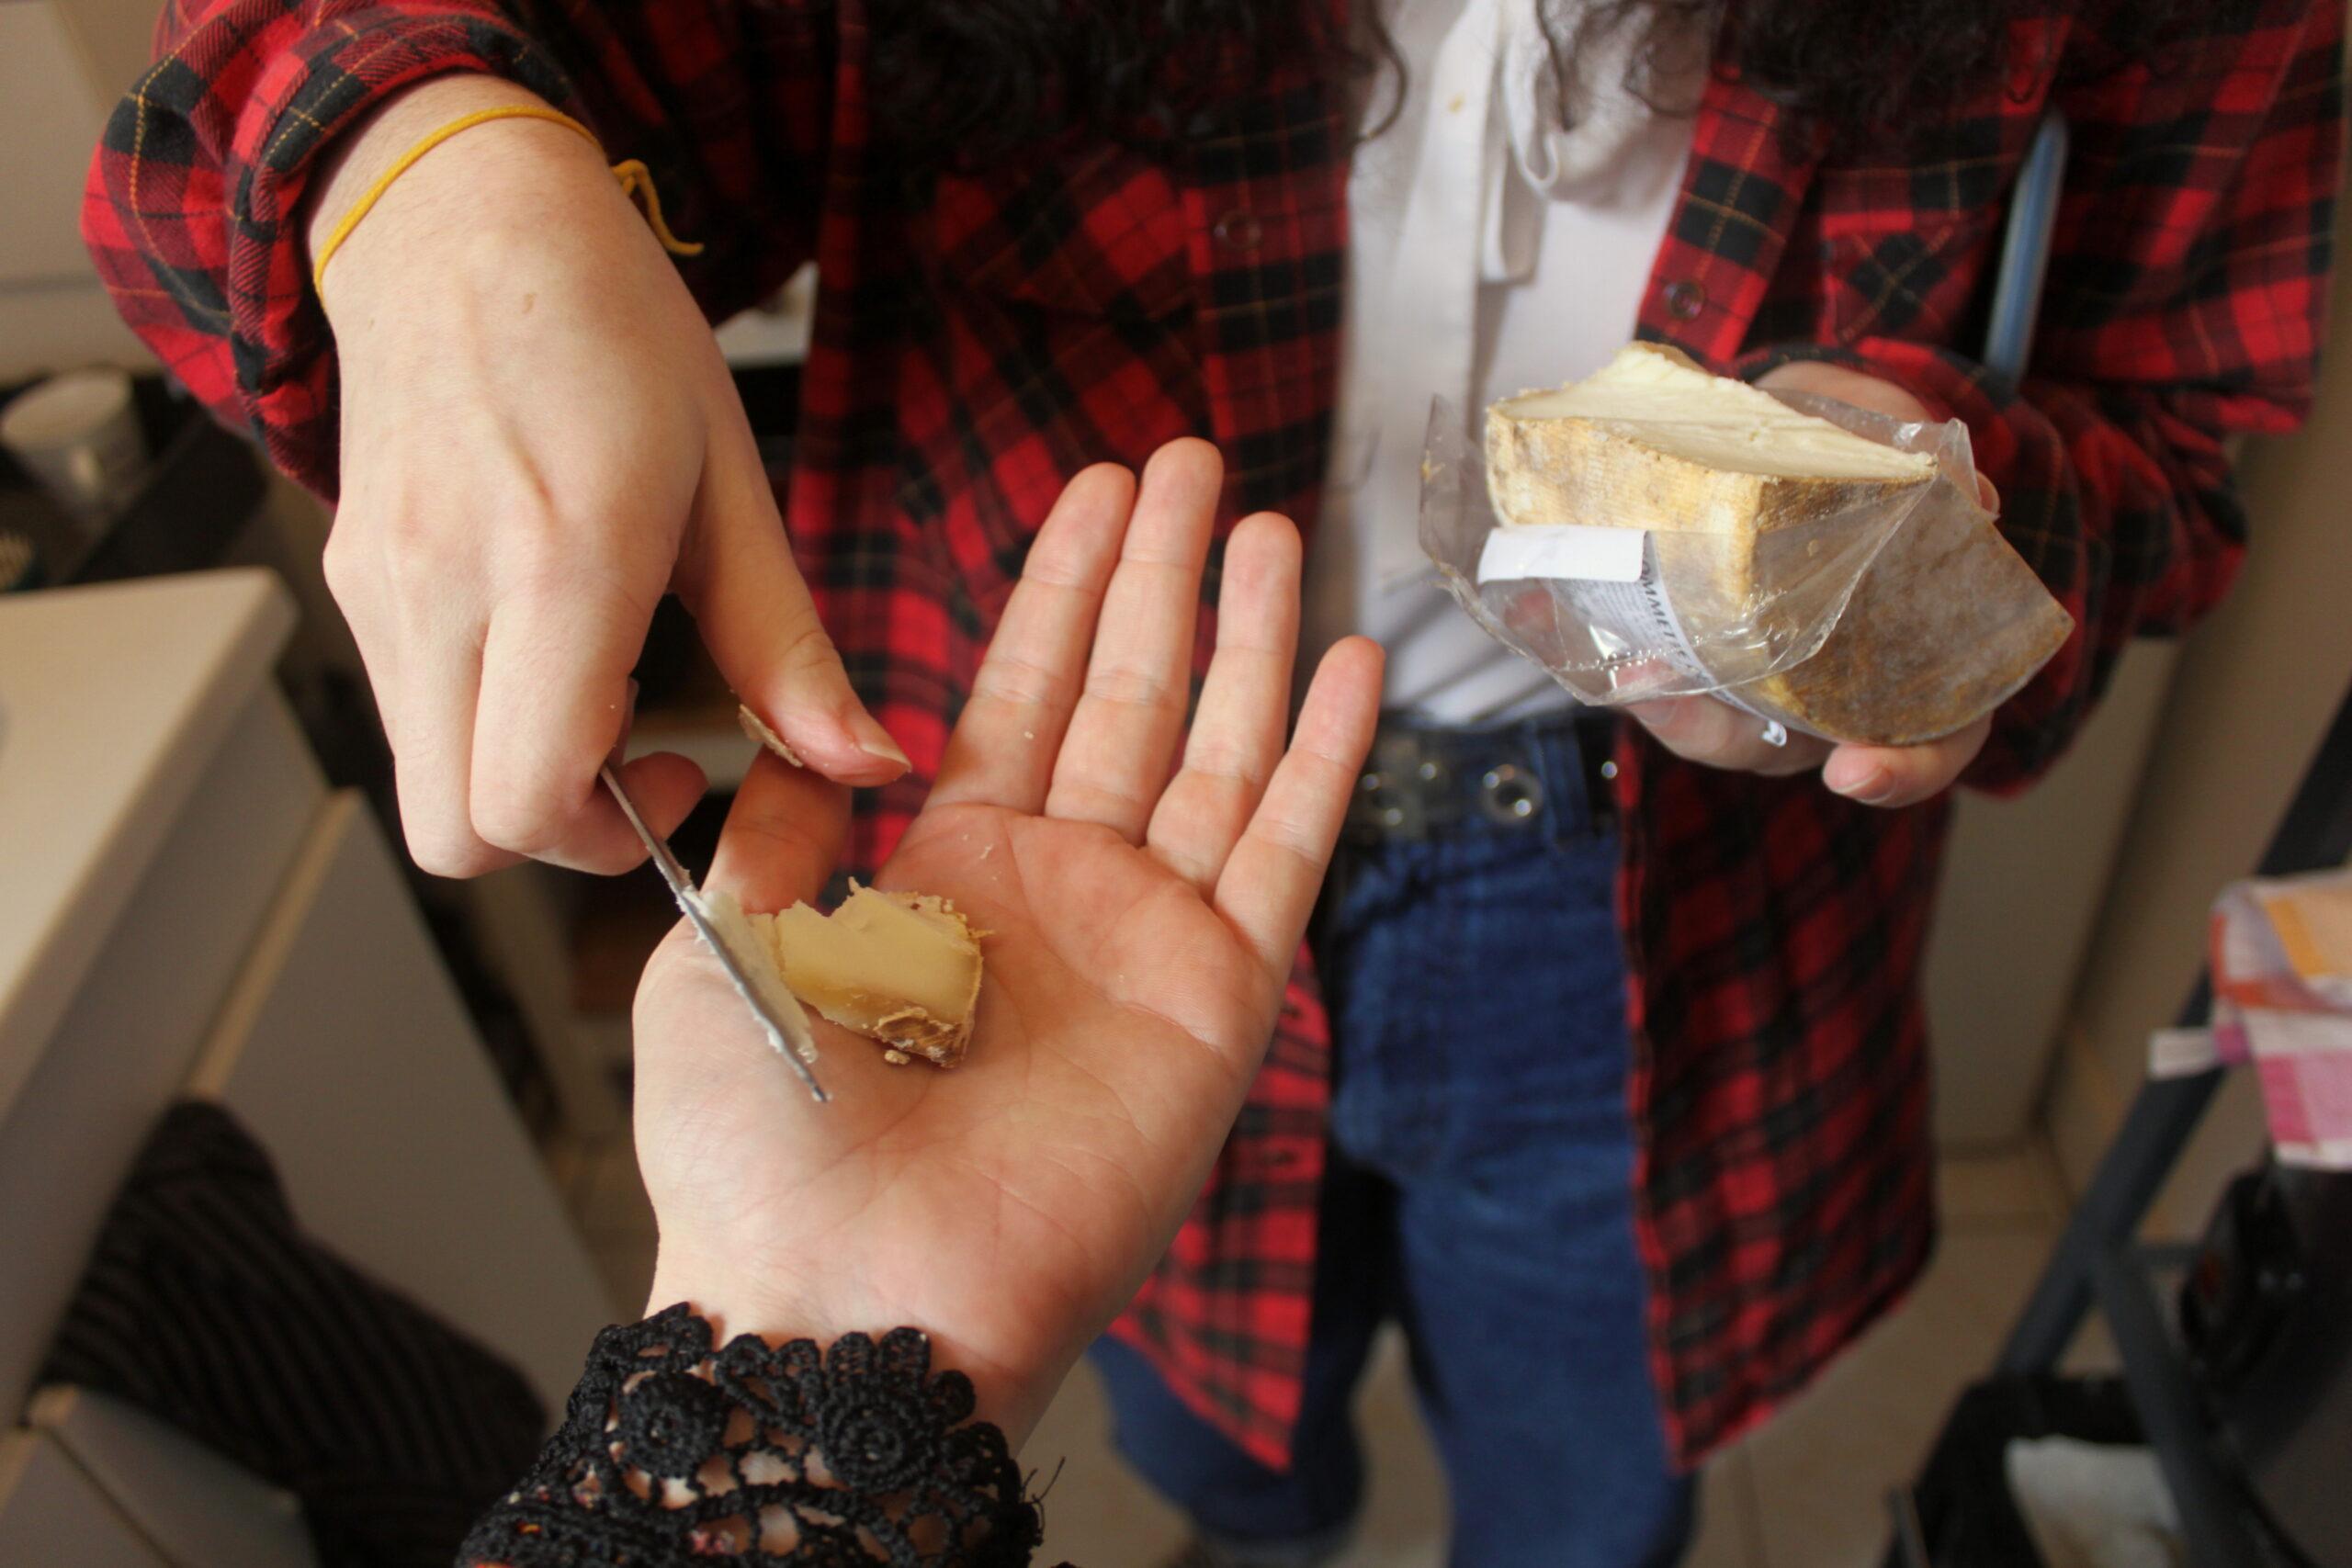 Typhaine donne un morceau de fromage à Nina directement dans sa main.